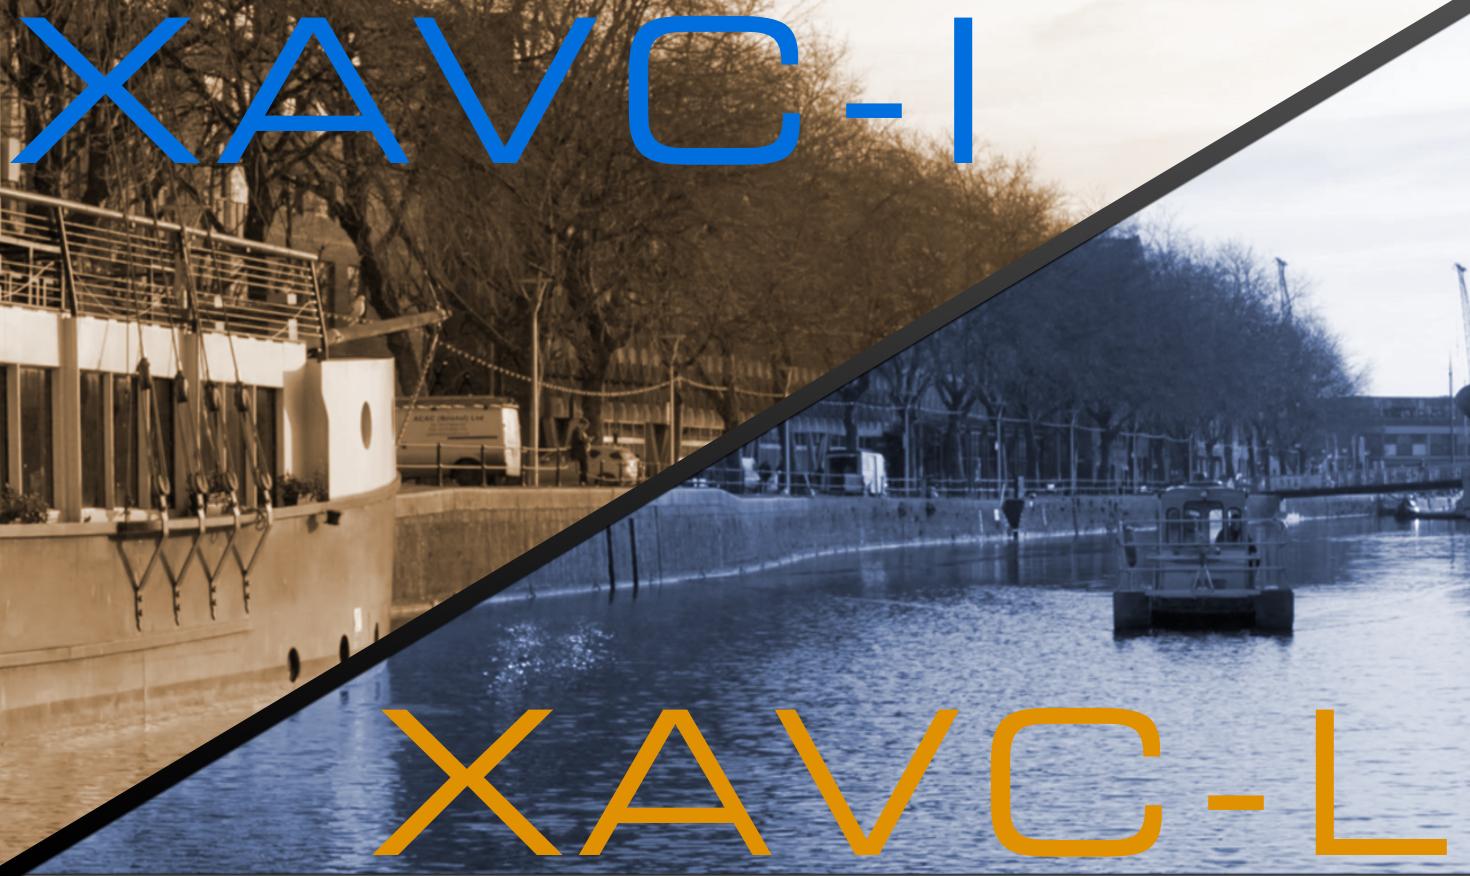 XAVC-I - ¿Realmente necesitas toda esa información adicional?